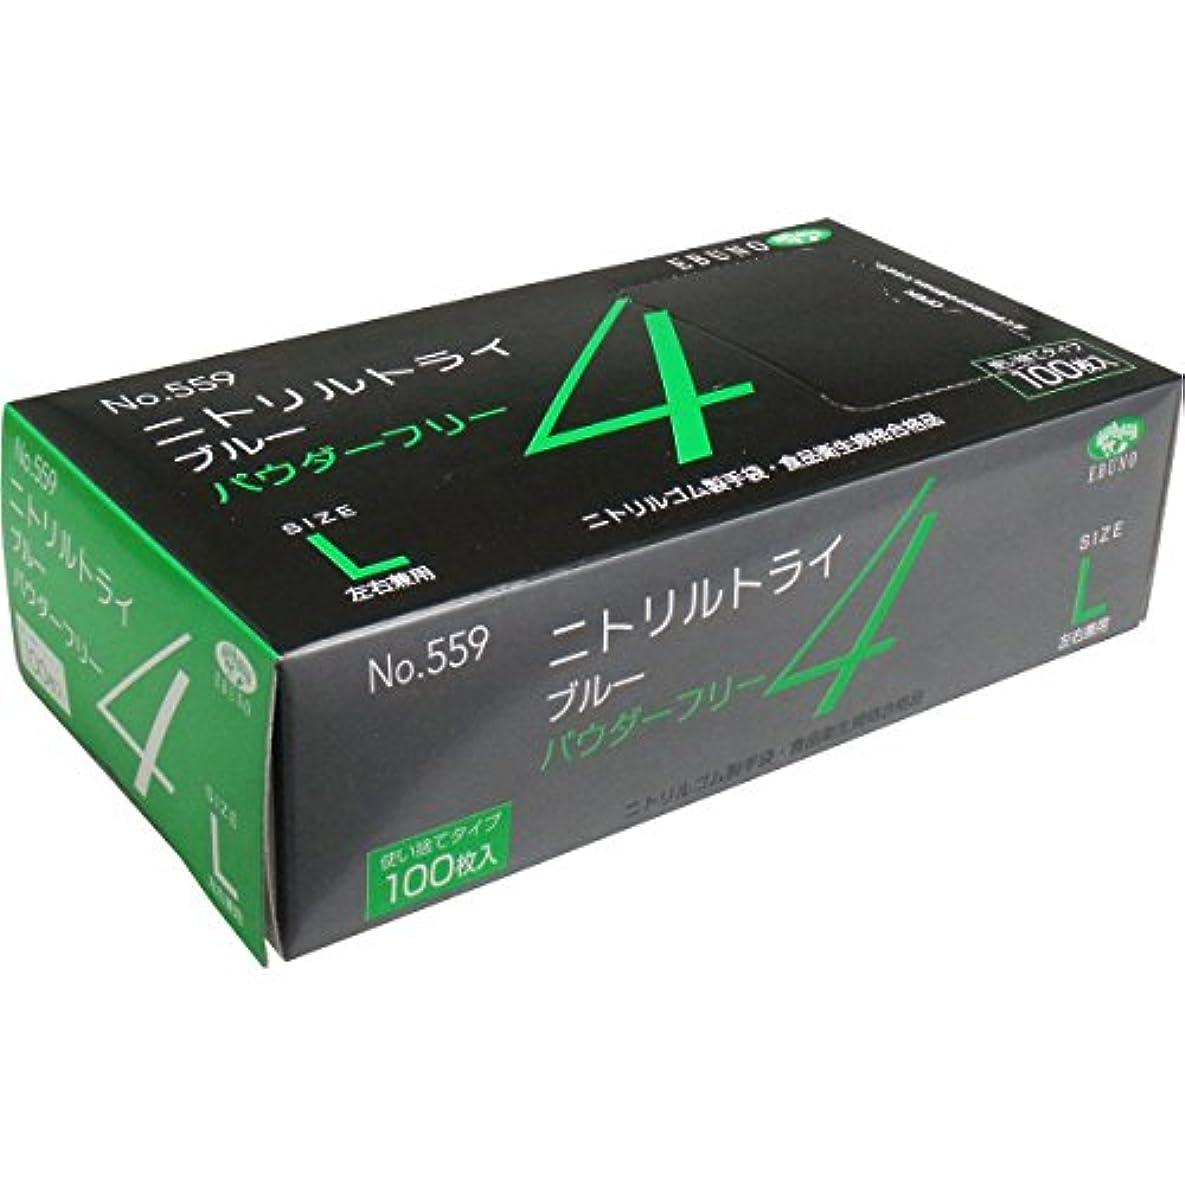 担保アンソロジー十分ニトリルトライ4 手袋 ブルー パウダーフリー Lサイズ 100枚入(単品)